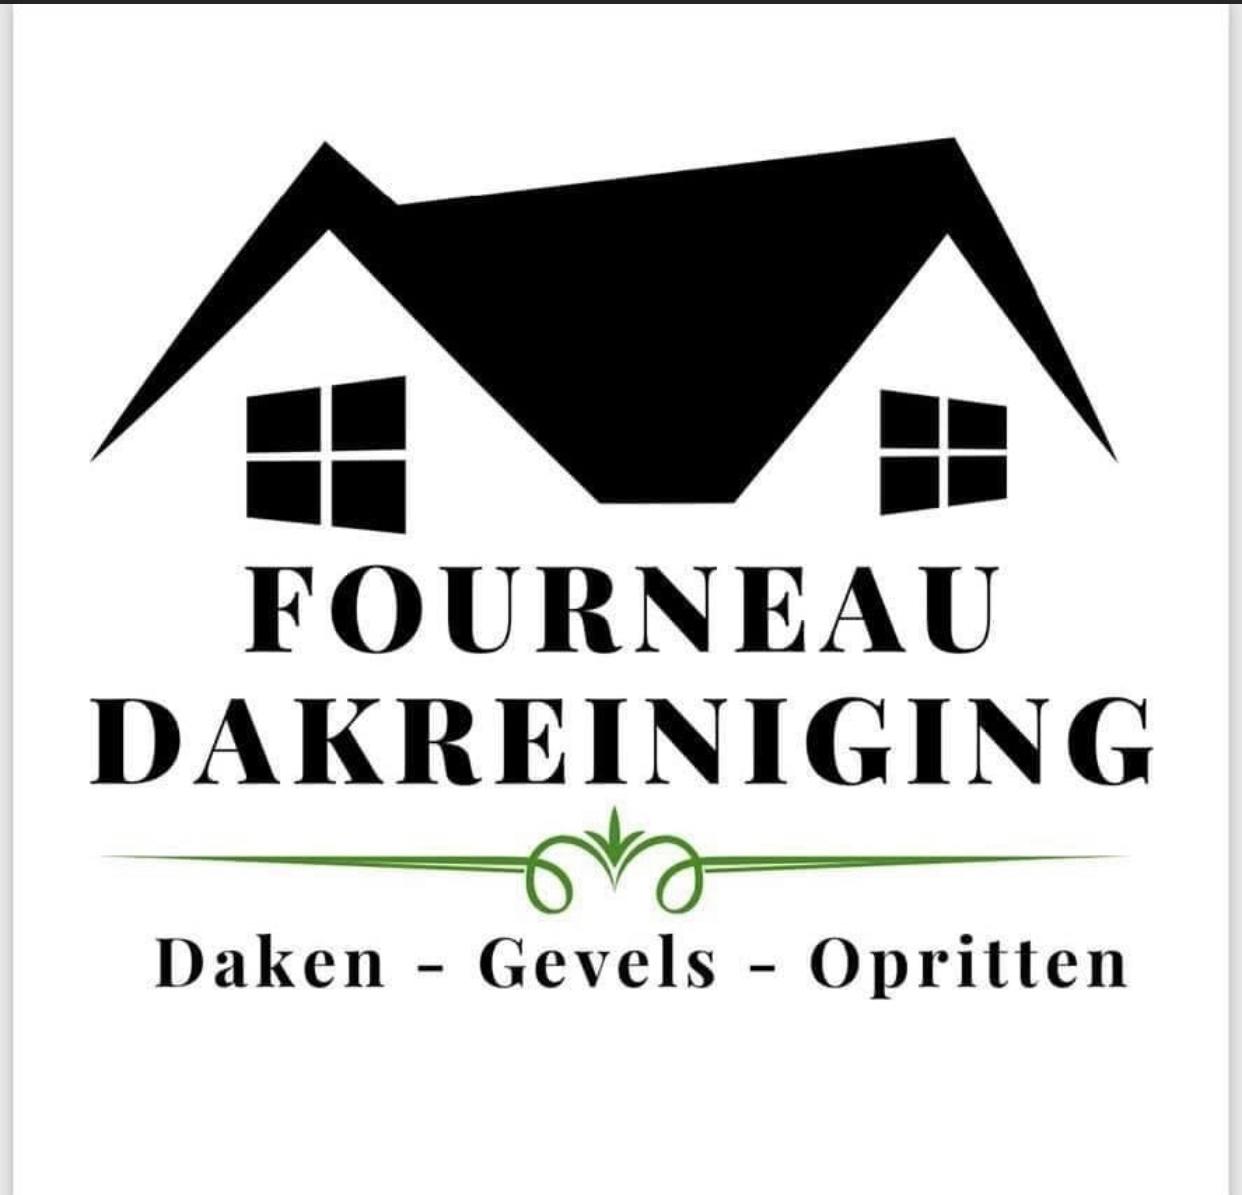 DAKREINIGING FOURNEAU